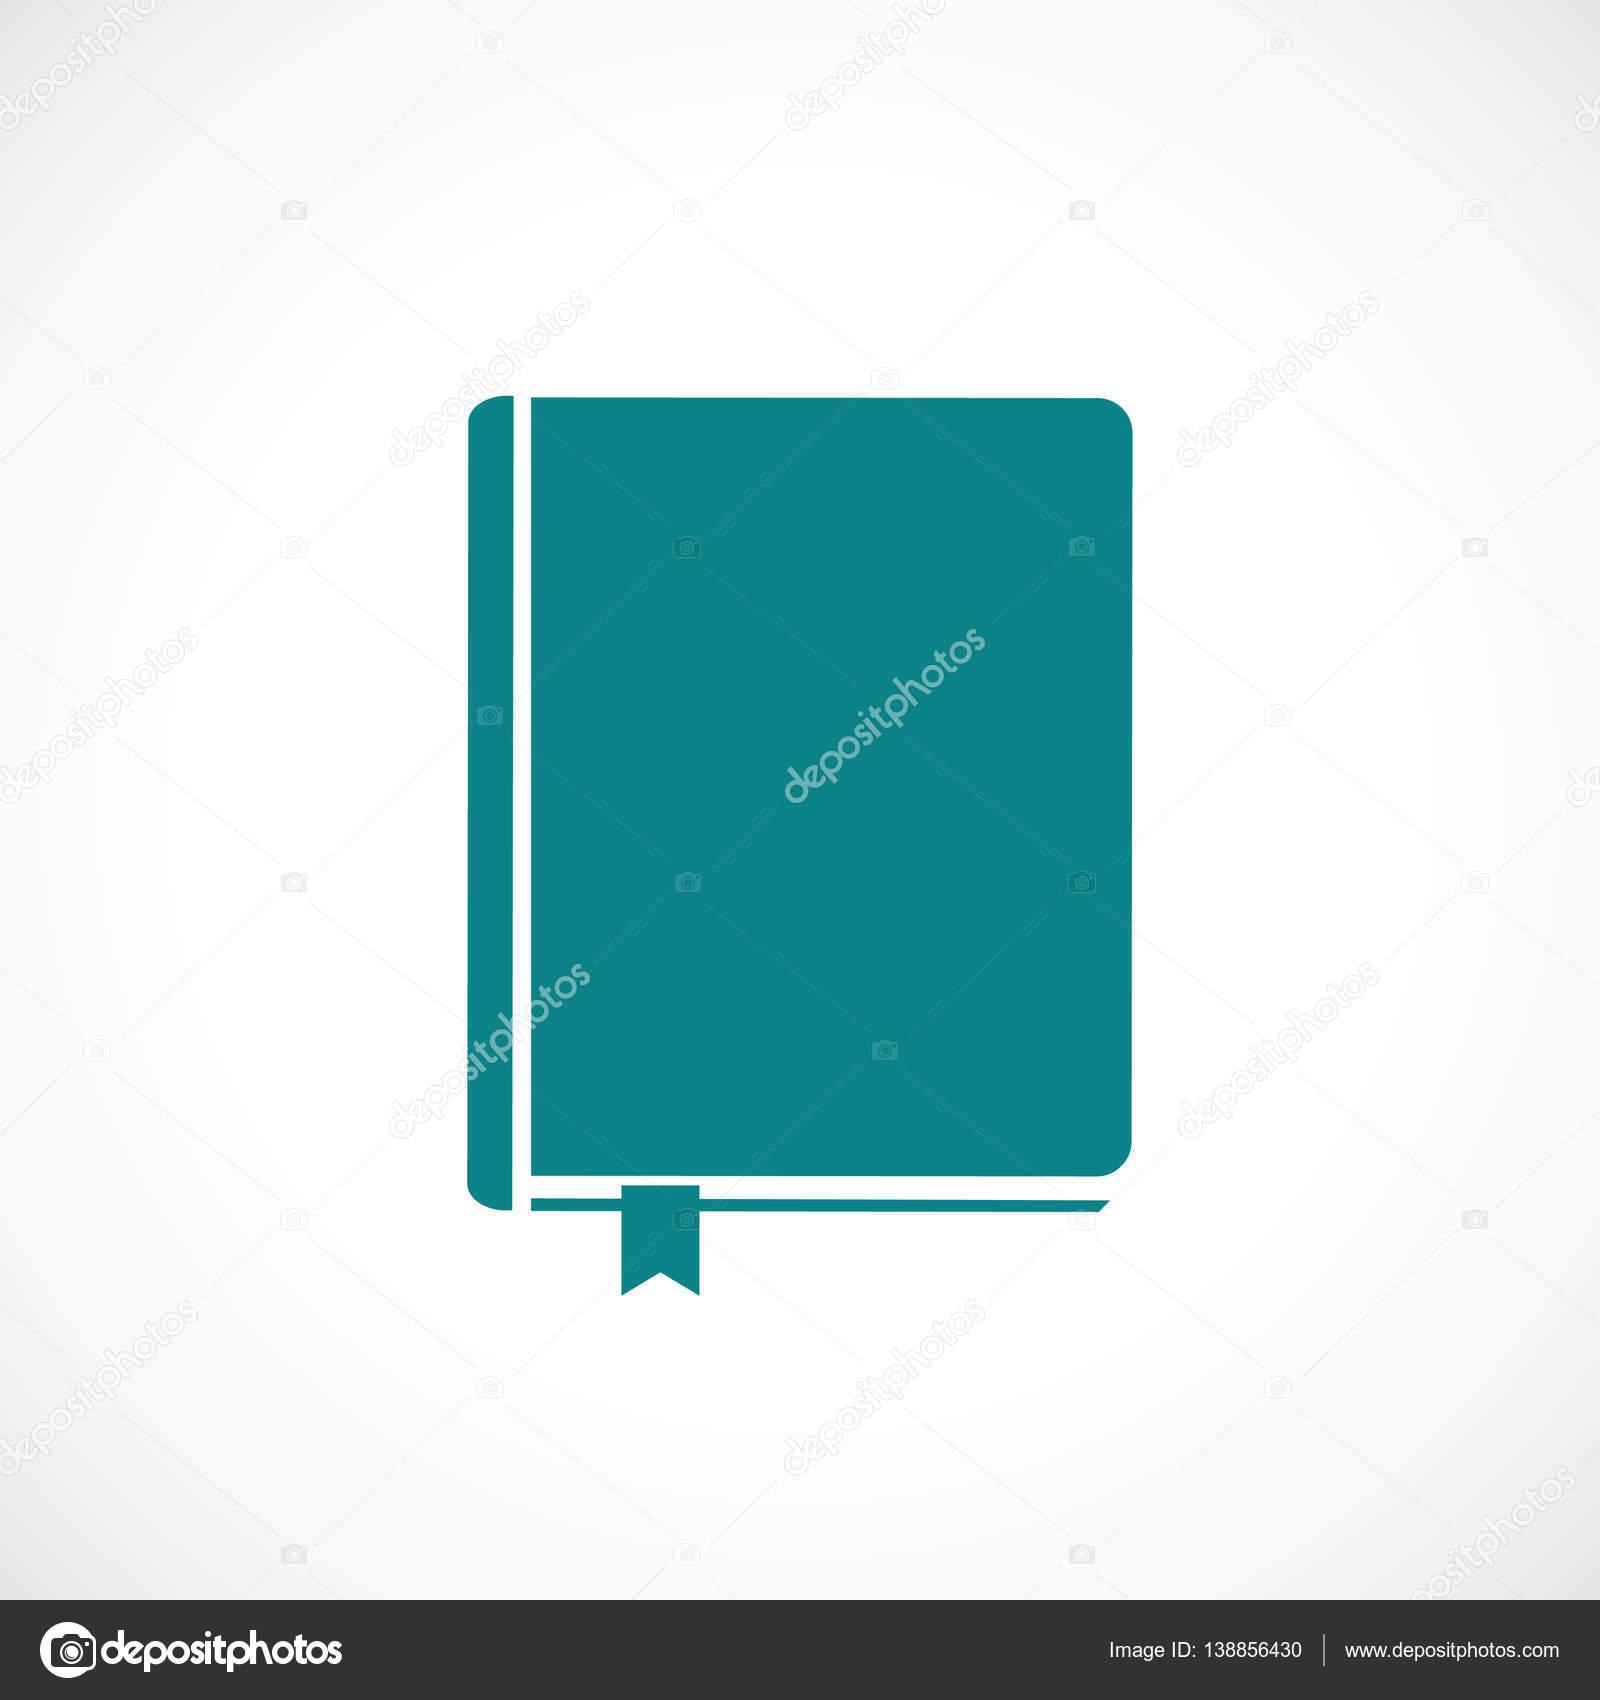 Icone Representant Un Livre Blanc Image Vectorielle Simva